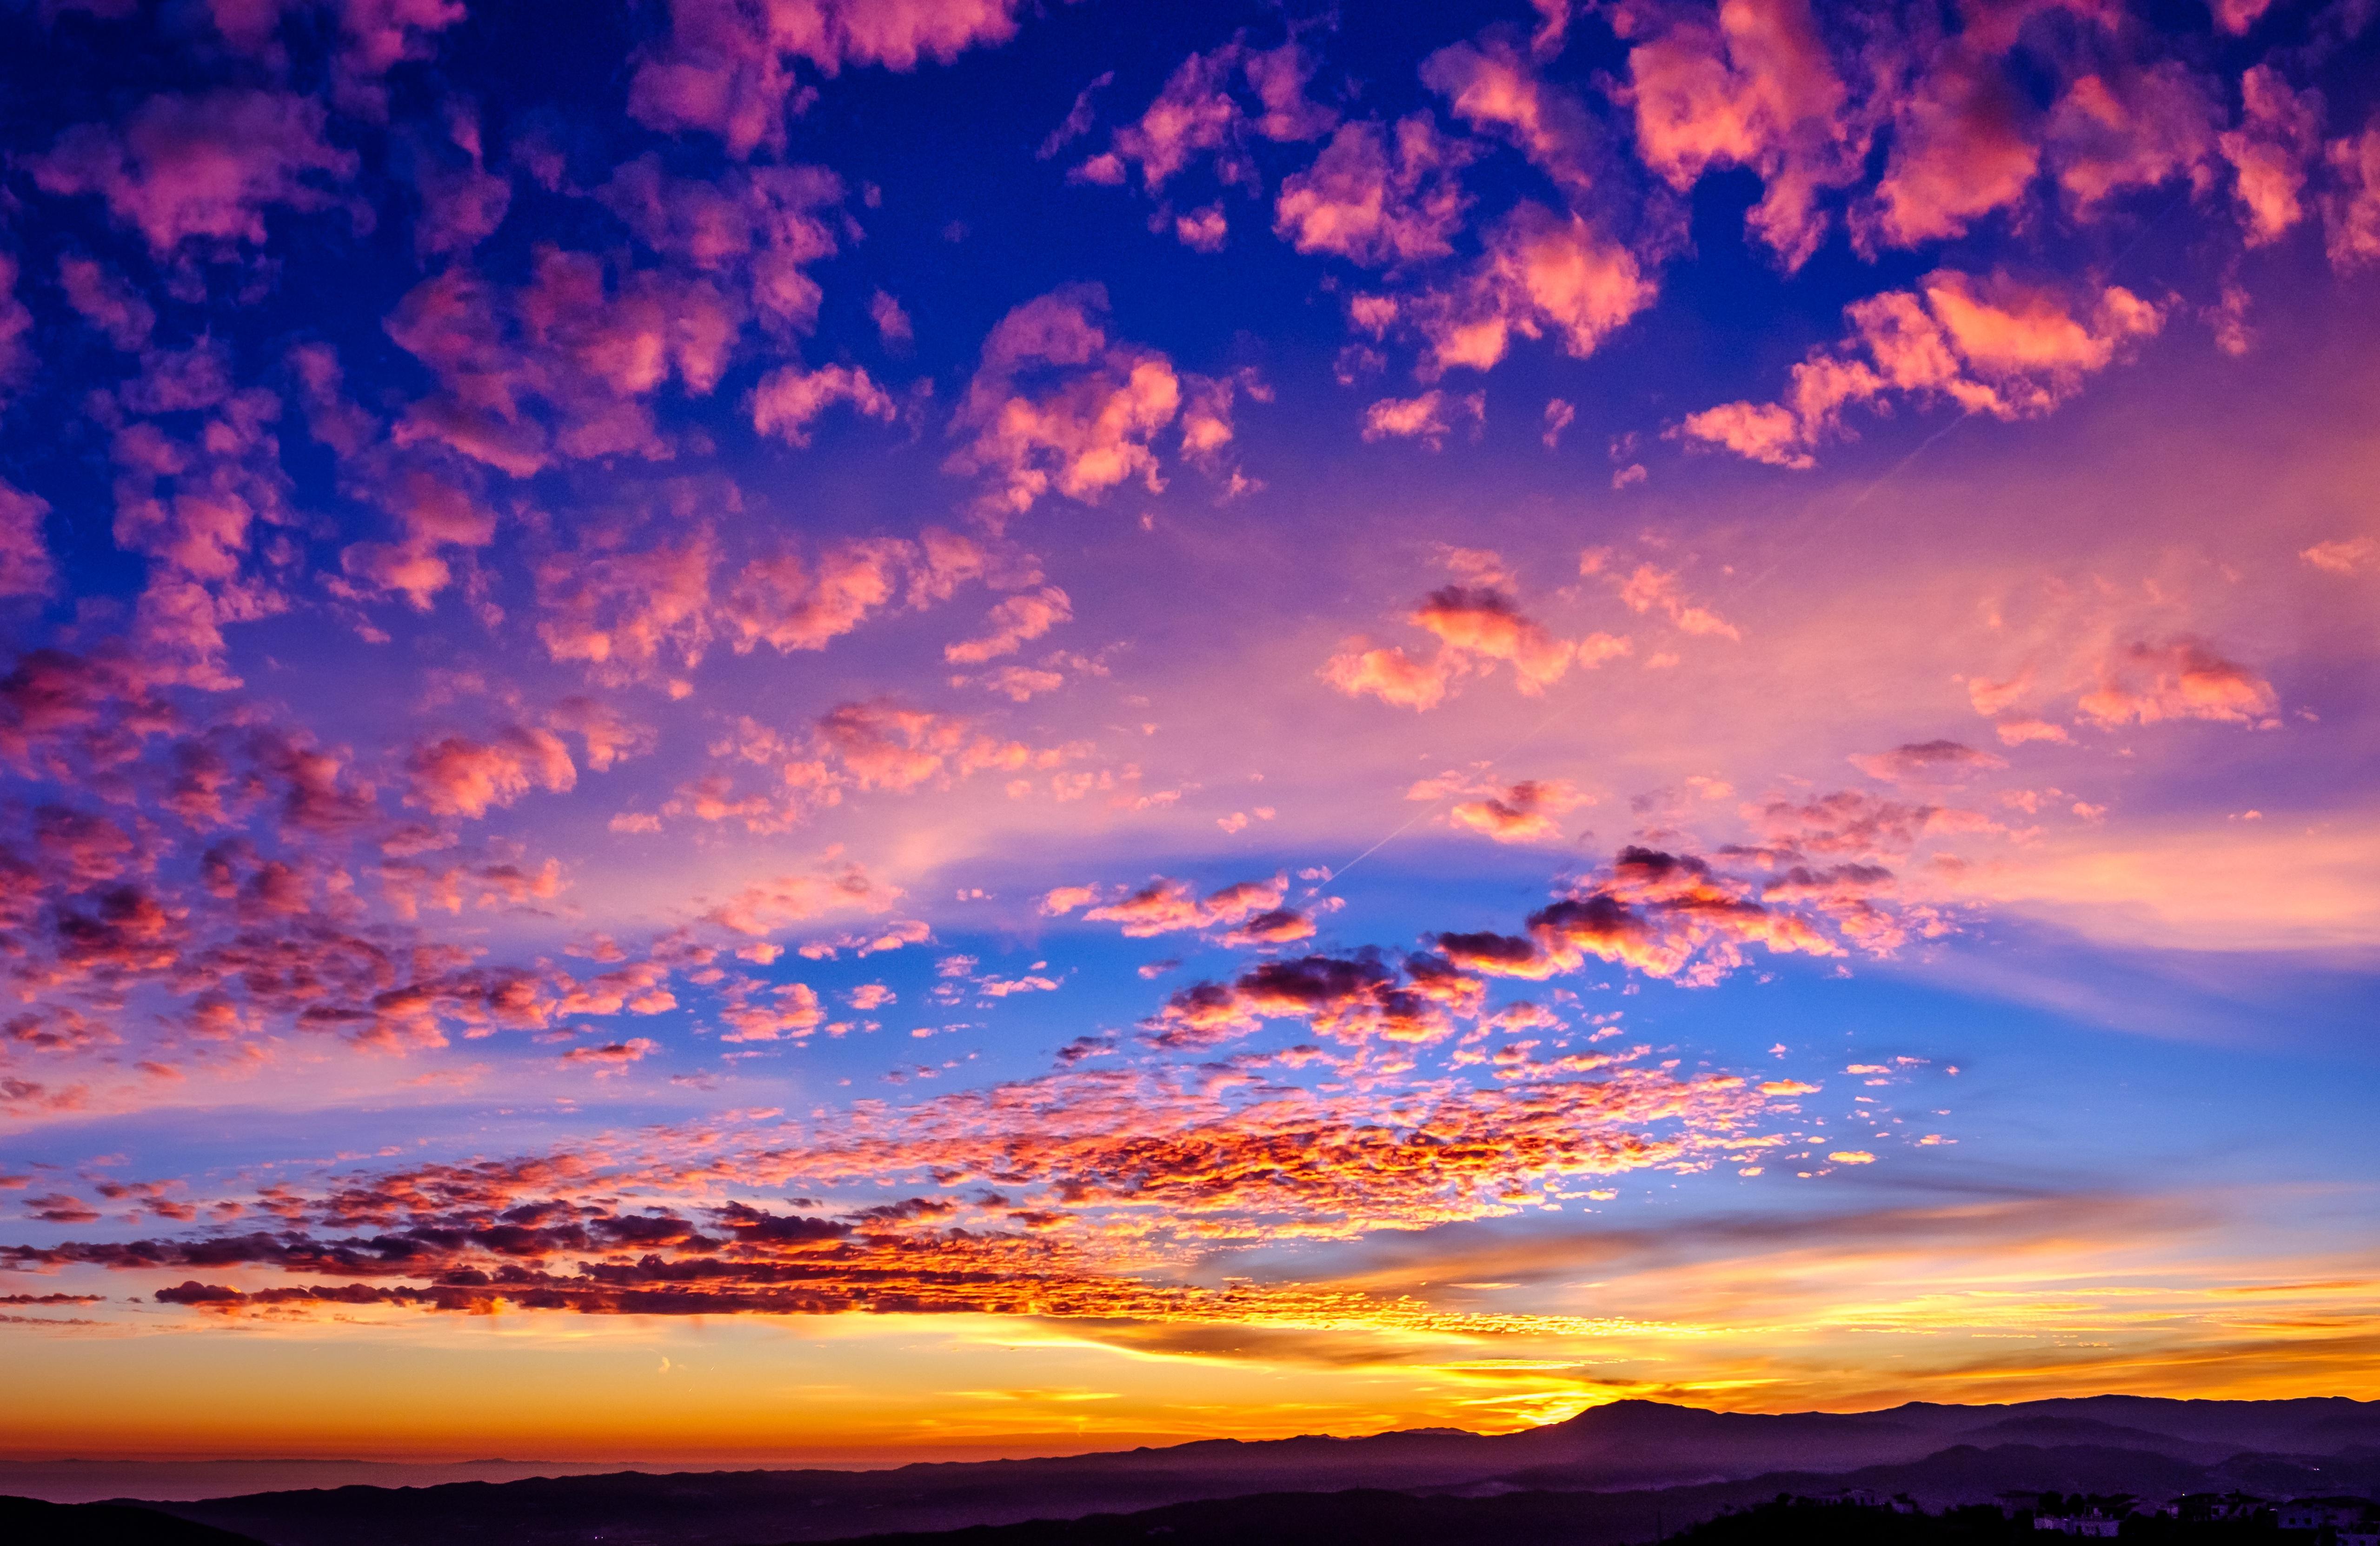 golden hour 4k wallpaper sunset clouds landscape 5k nature 395 4k wallpapers